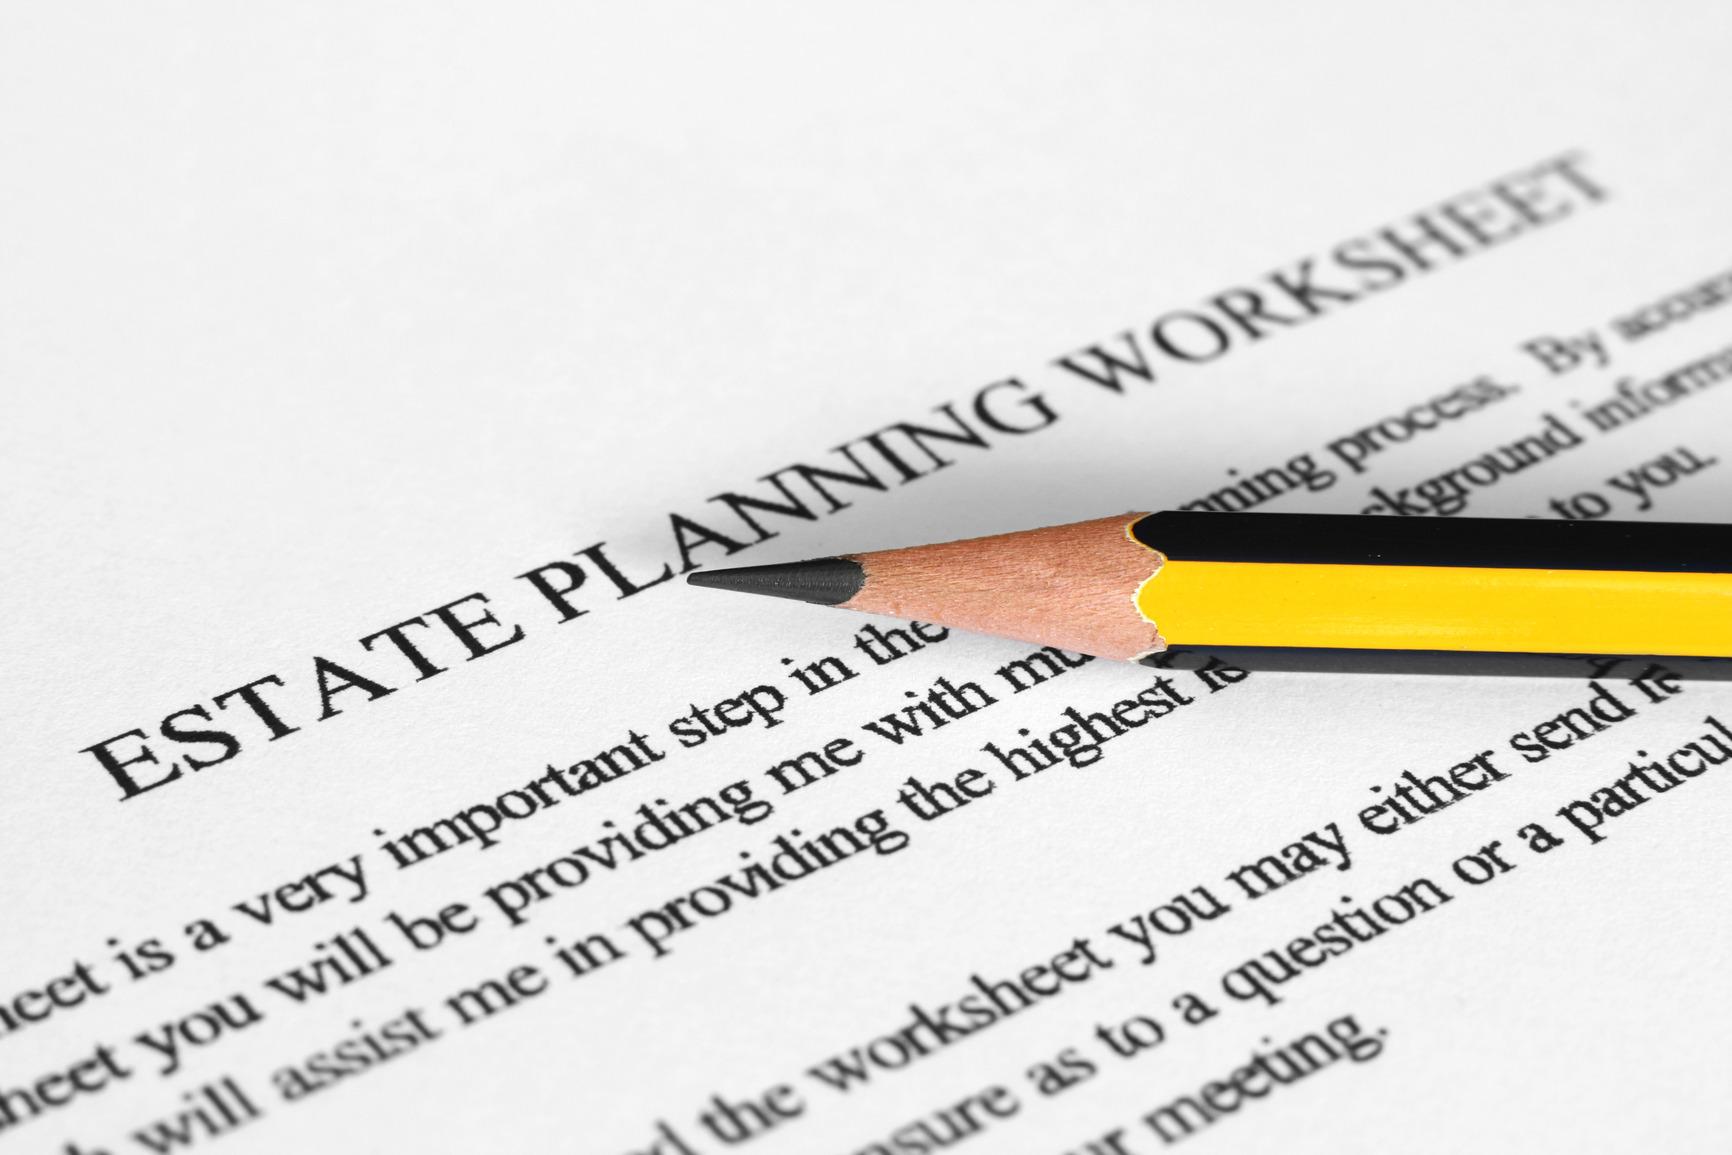 Attachment: Estate planning worksheet